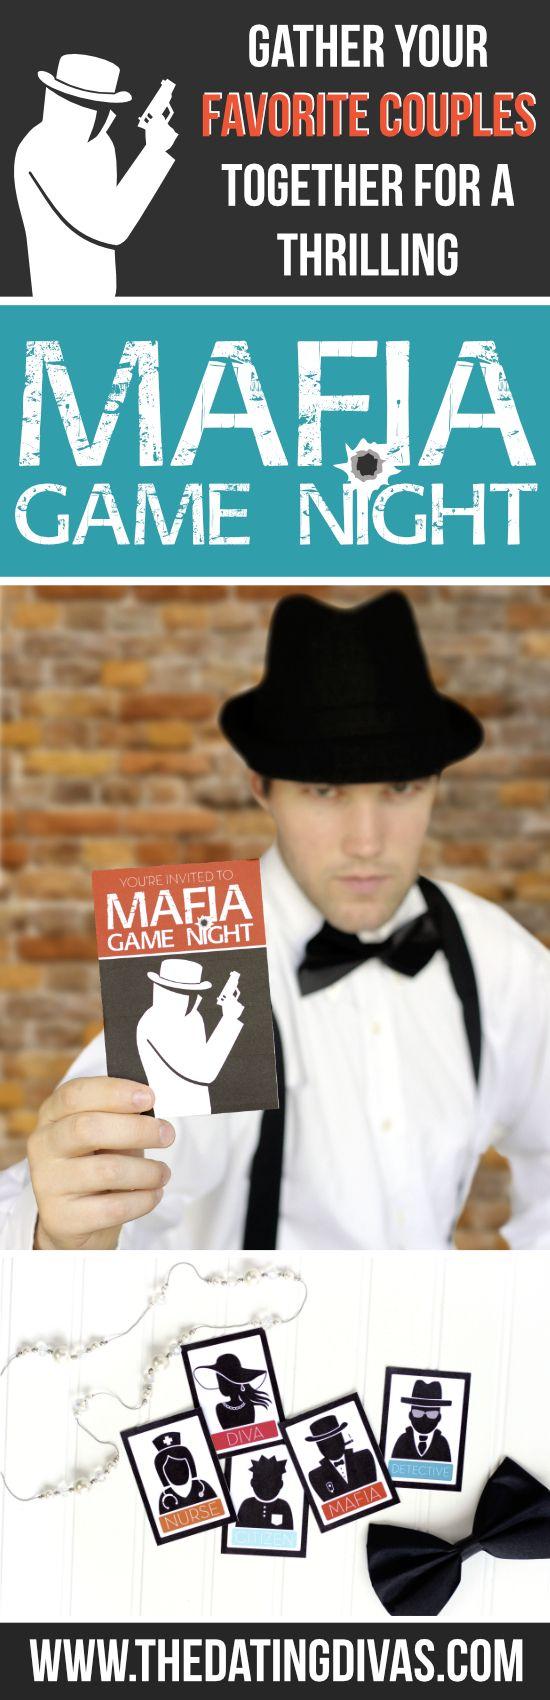 Mafia Game Night- fun idea for an easy date night